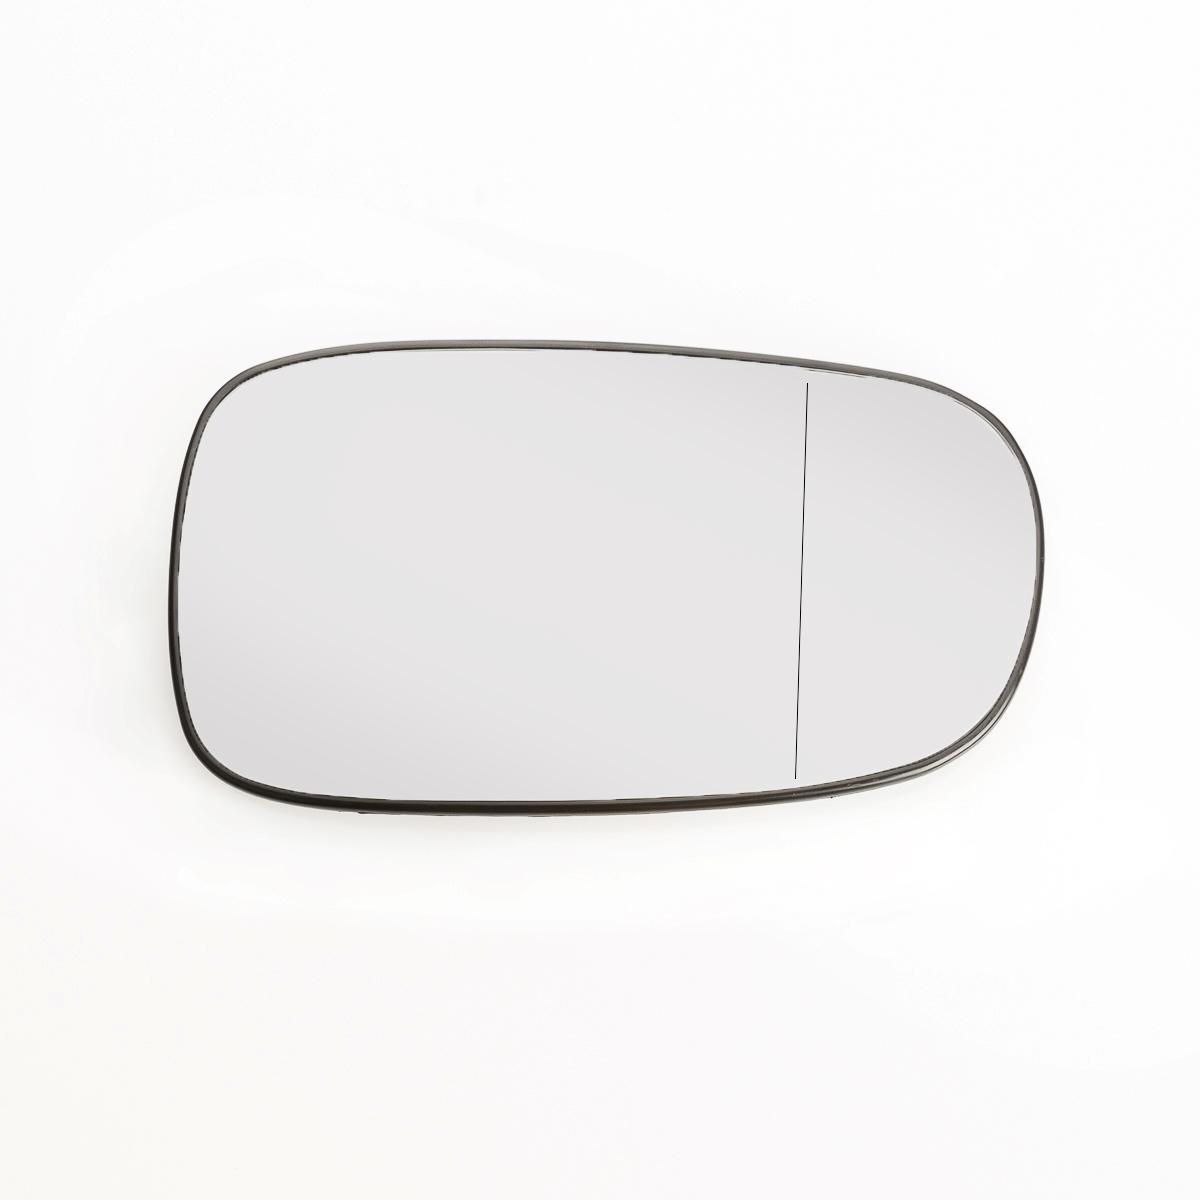 sainchargny.com Spiegelglas Weitwinkel konvex beheizt elektrisch ...